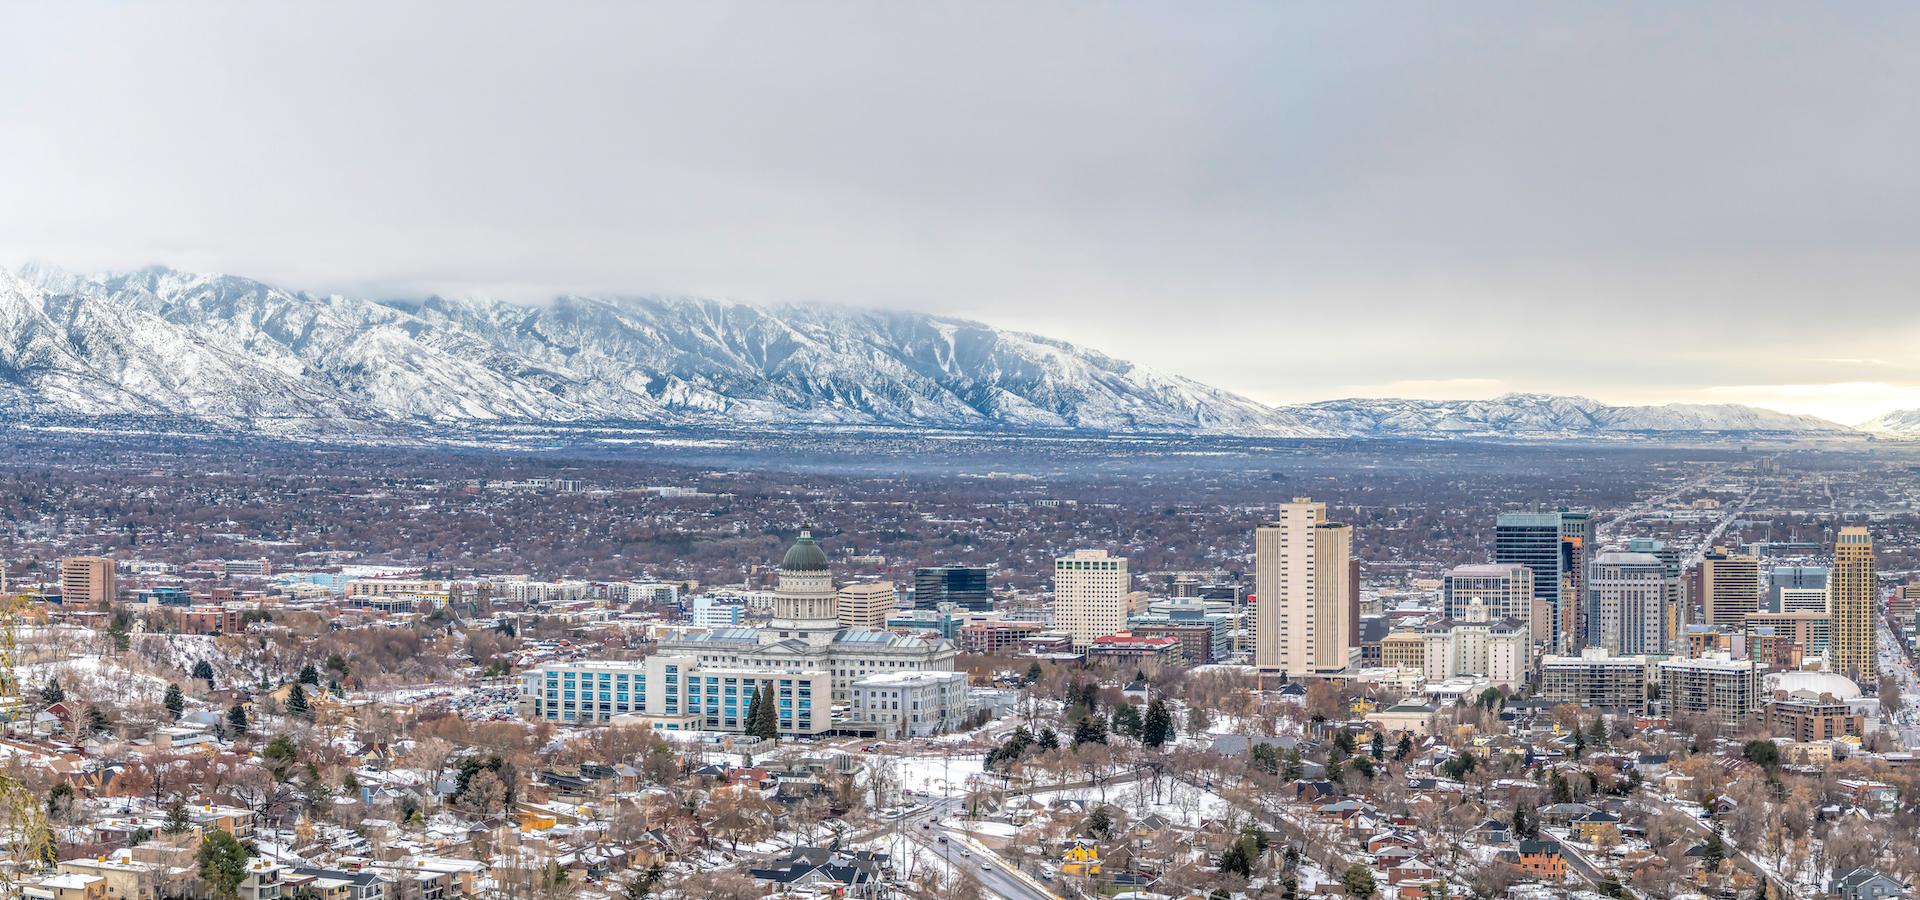 <b>America/Denver/Utah</b>